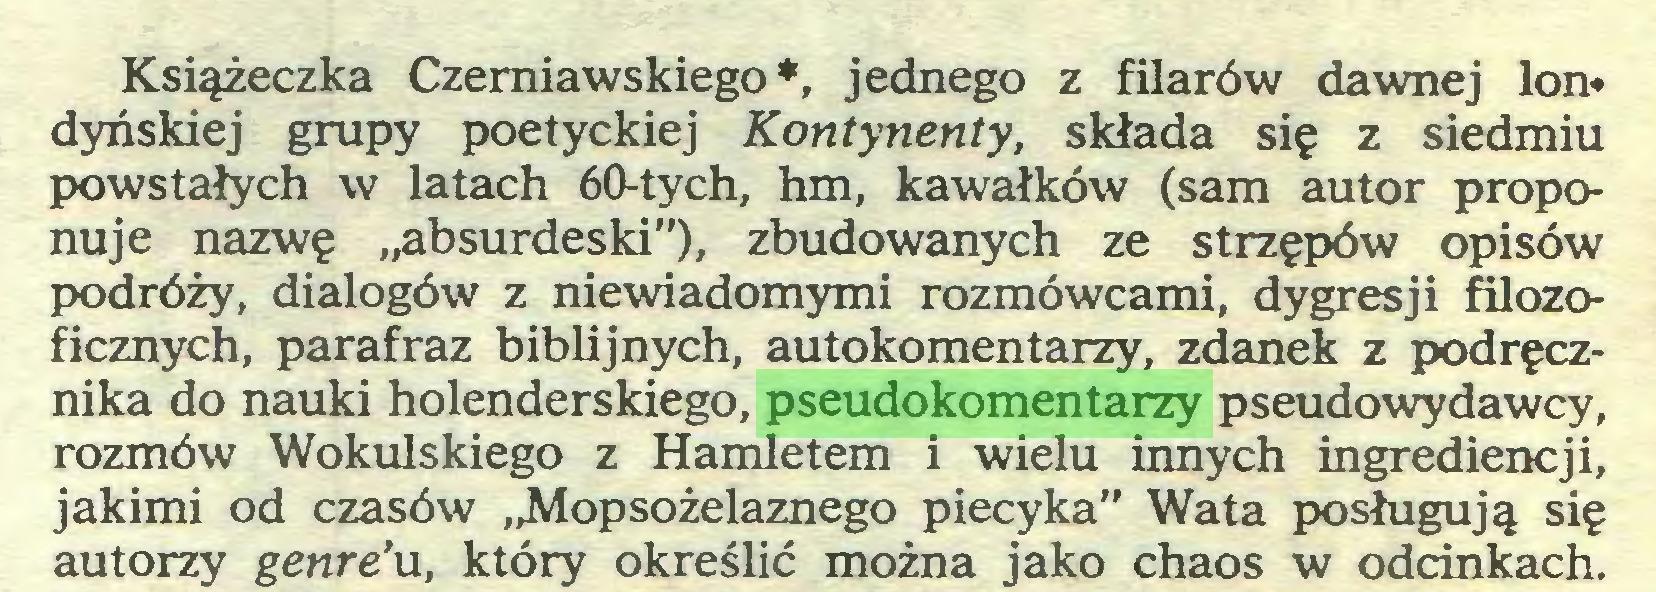 """(...) Książeczka Czerniawskiego*, jednego z filarów dawnej lon* dyńskiej grupy poetyckiej Kontynenty, składa się z siedmiu powstałych w latach 60-tych, hm, kawałków (sam autor proponuje nazwę """"absurdeski""""), zbudowanych ze strzępów opisów podróży, dialogów z niewiadomymi rozmówcami, dygresji filozoficznych, parafraz biblijnych, autokomentarzy, zdanek z podręcznika do nauki holenderskiego, pseudokomentarzy pseudowydawcy, rozmów Wokulskiego z Hamletem i wielu innych ingrediencji, jakimi od czasów """"Mopsożelaznego piecyka"""" Wata posługują się autorzy genre'u, który określić można jako chaos w odcinkach..."""